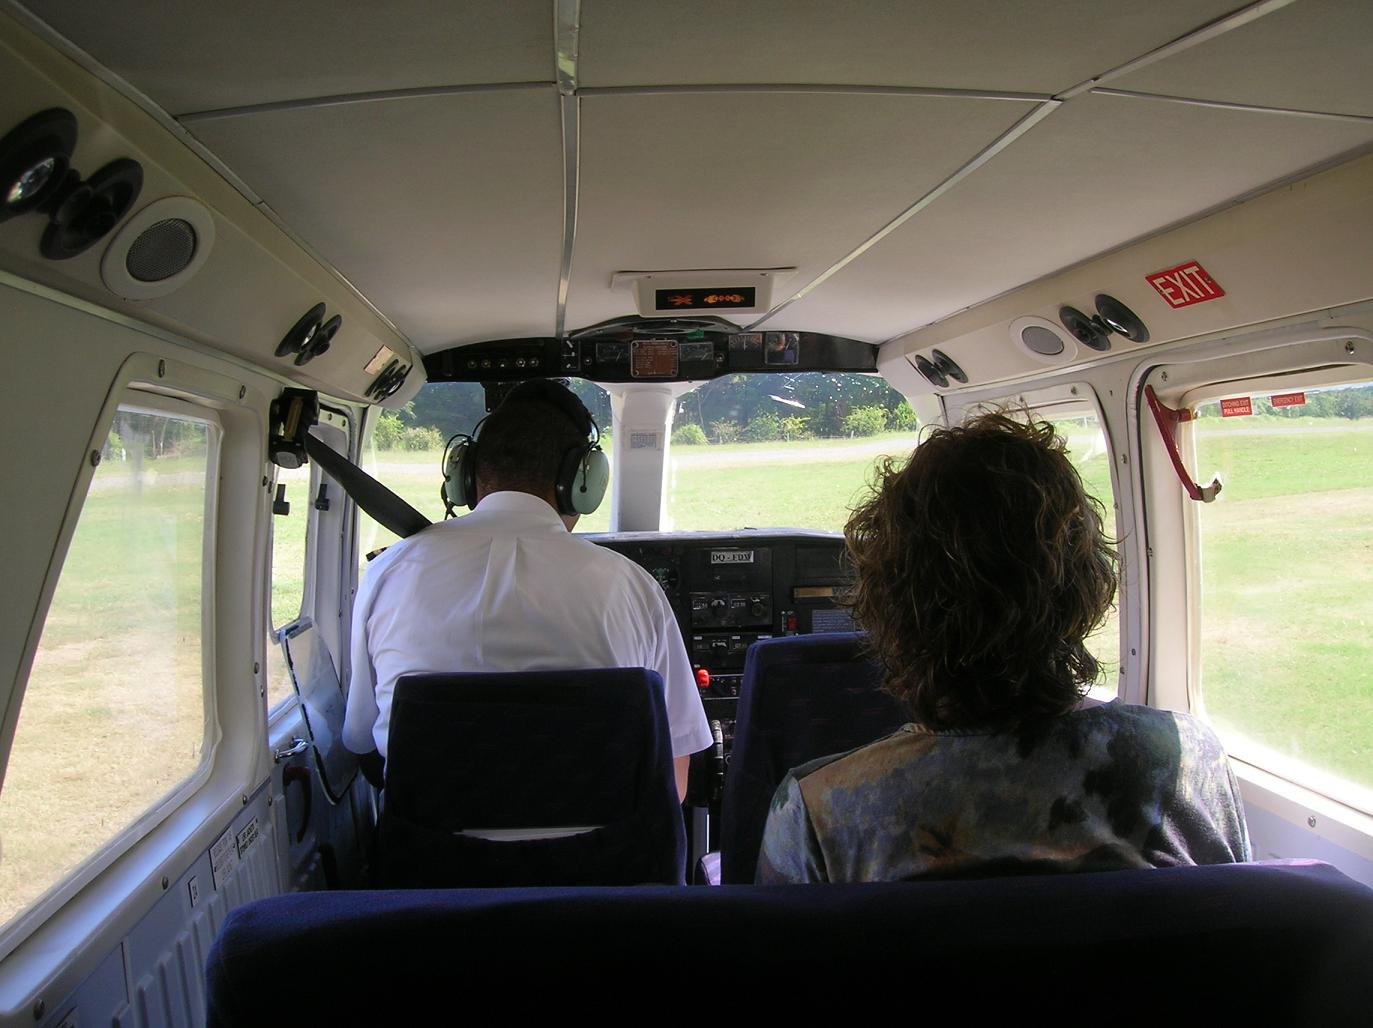 Hier ist der Kunde noch im persönlichen Kontakt mit dem Piloten …